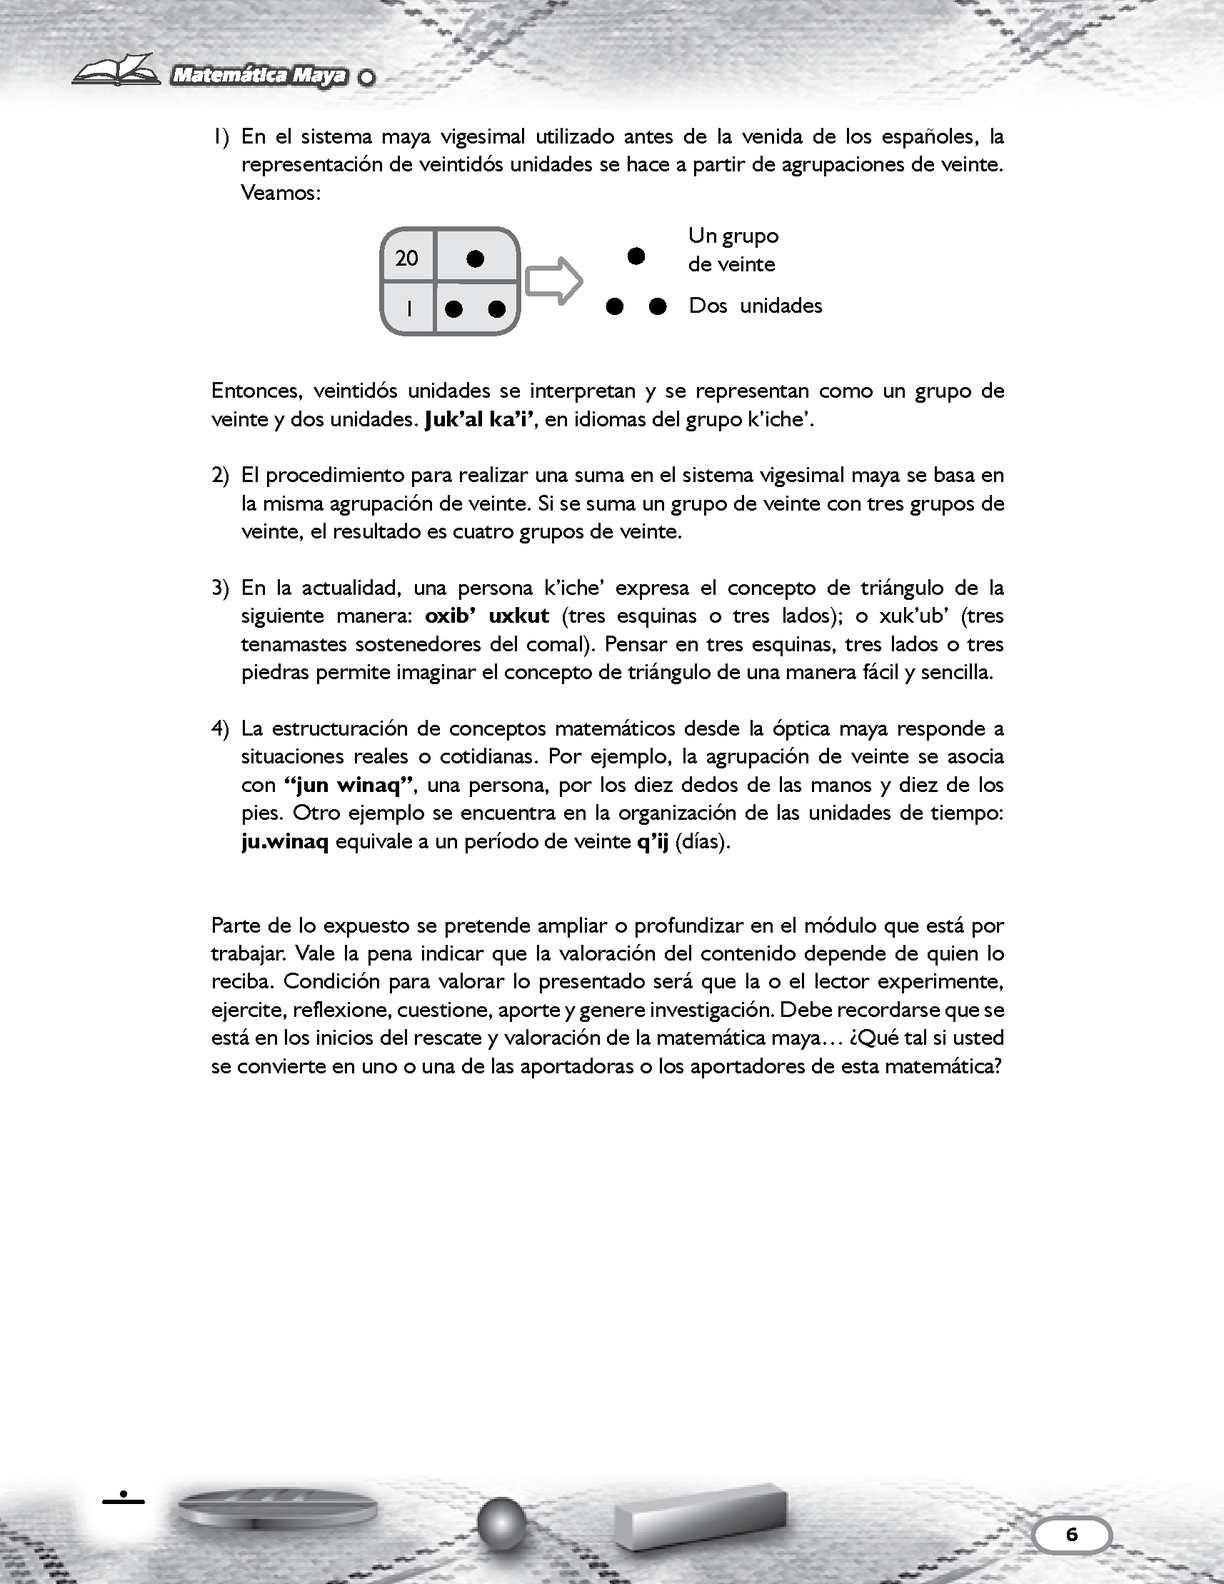 Lujo Imaginar Grado De Matemáticas 5 Hojas Viñeta - hoja de cálculo ...